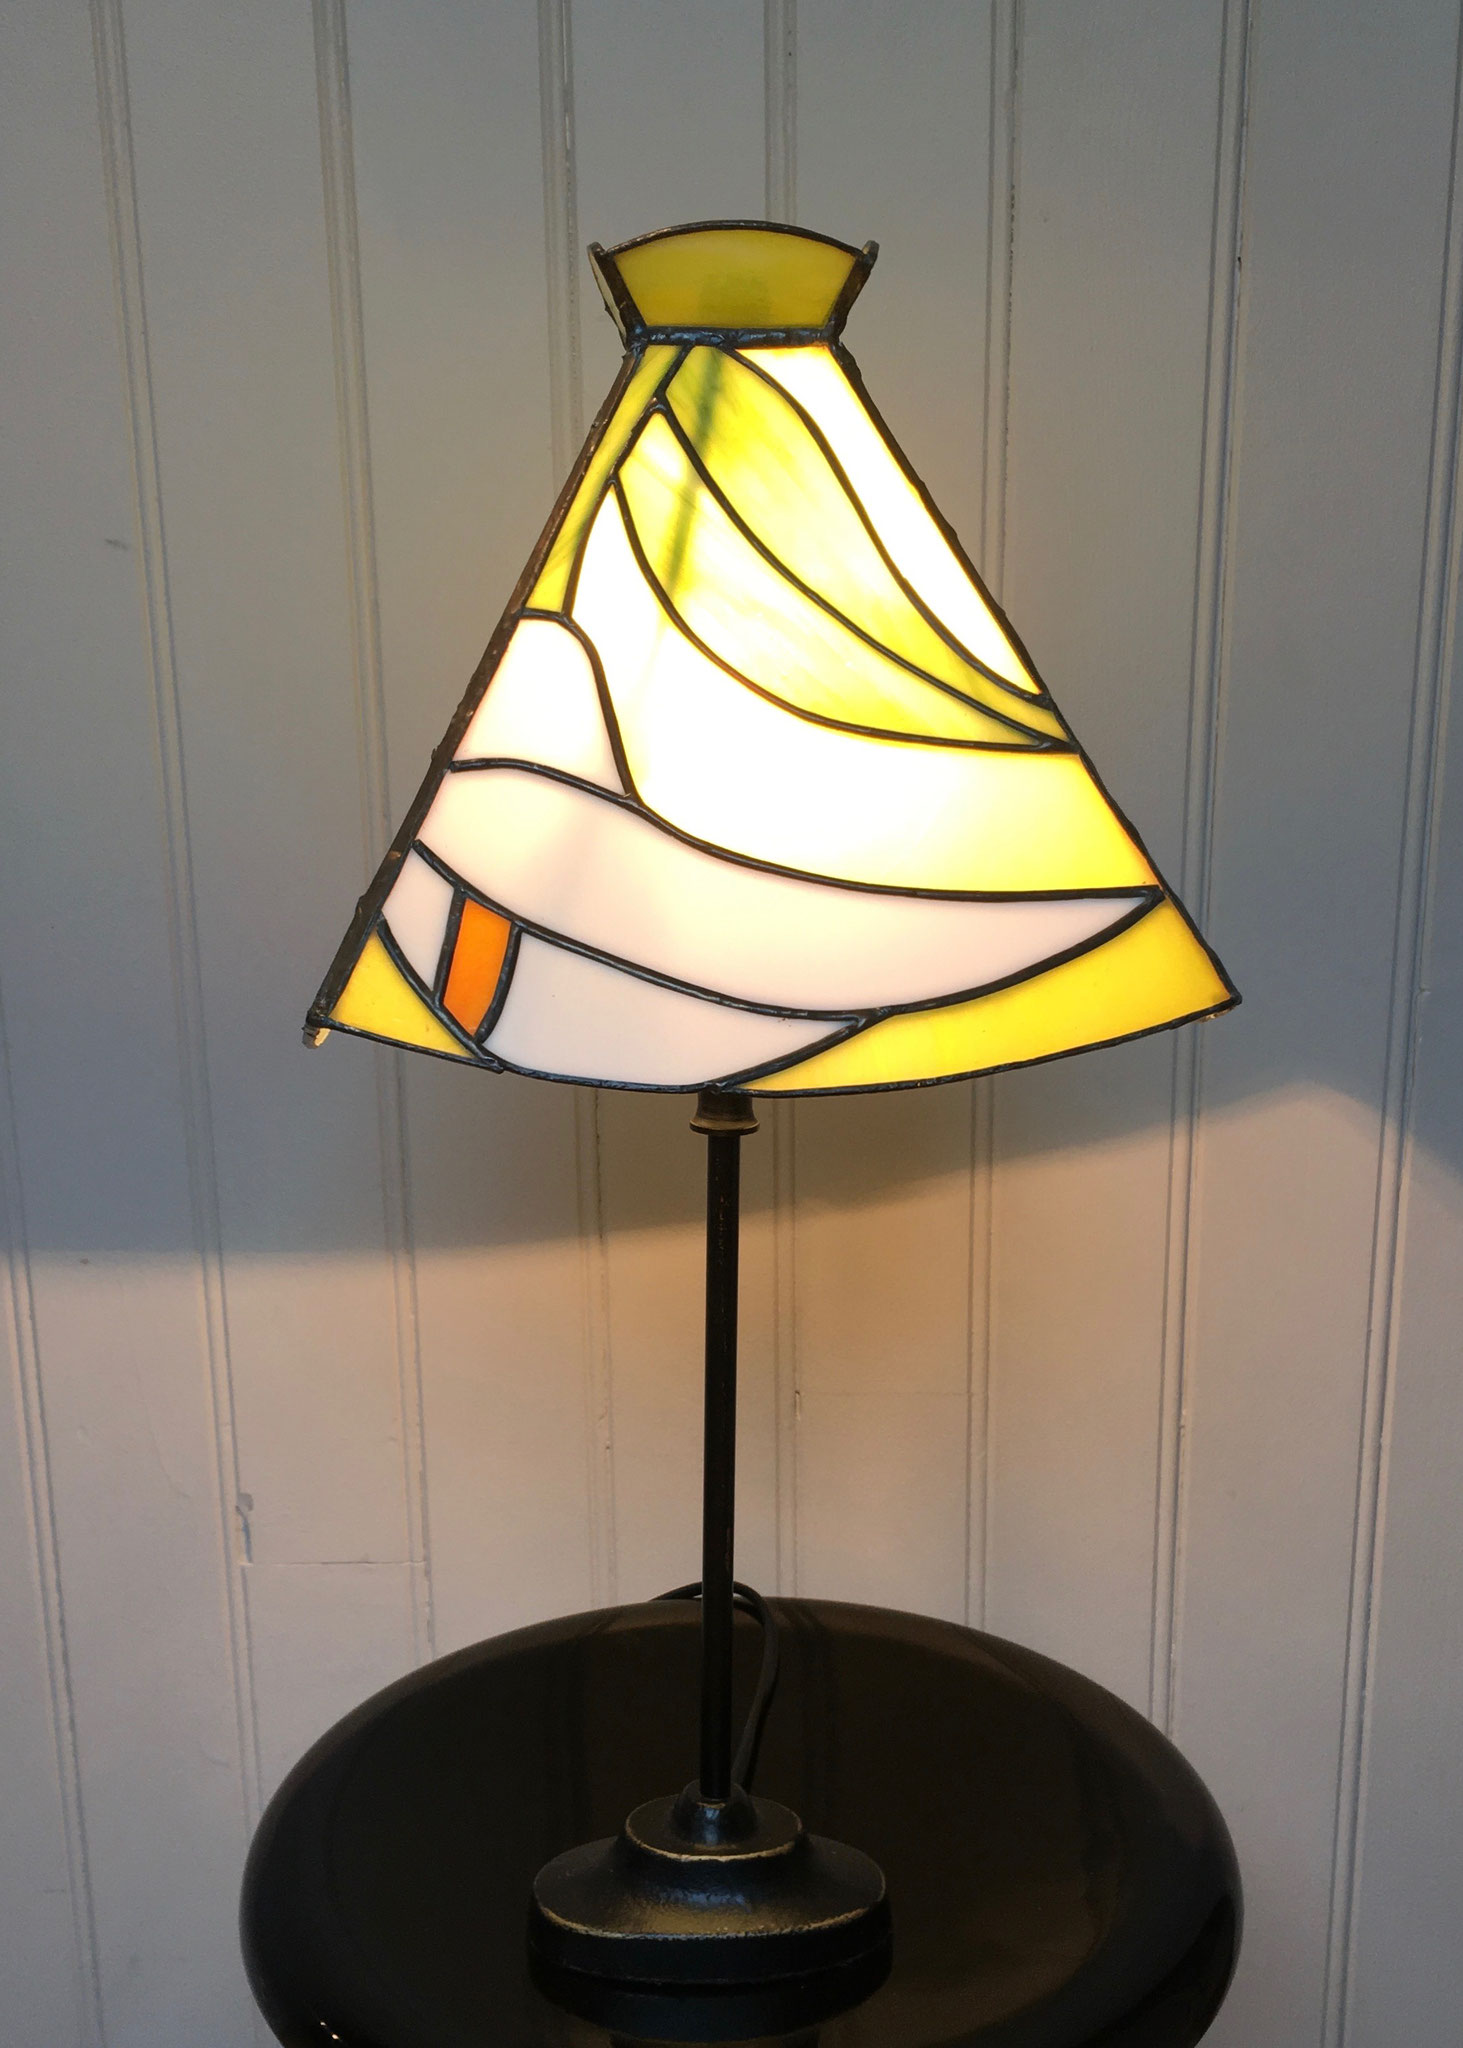 Lampe réalisée en Tiffany sur pied métal Allumée